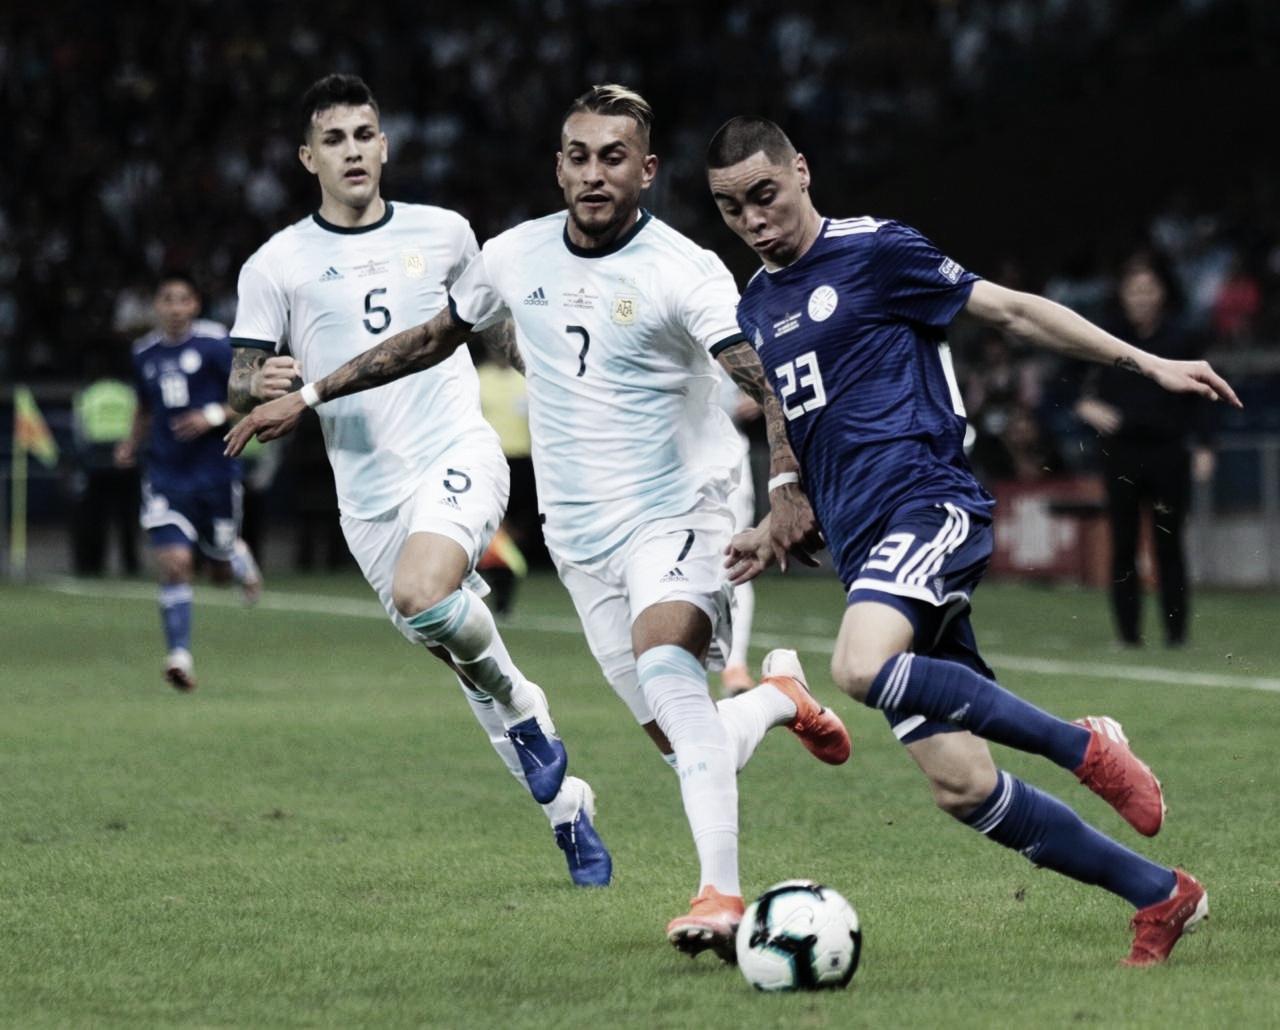 Em jogo truncado, Argentina empata com Paraguai no Mineirão e se complica na Copa América